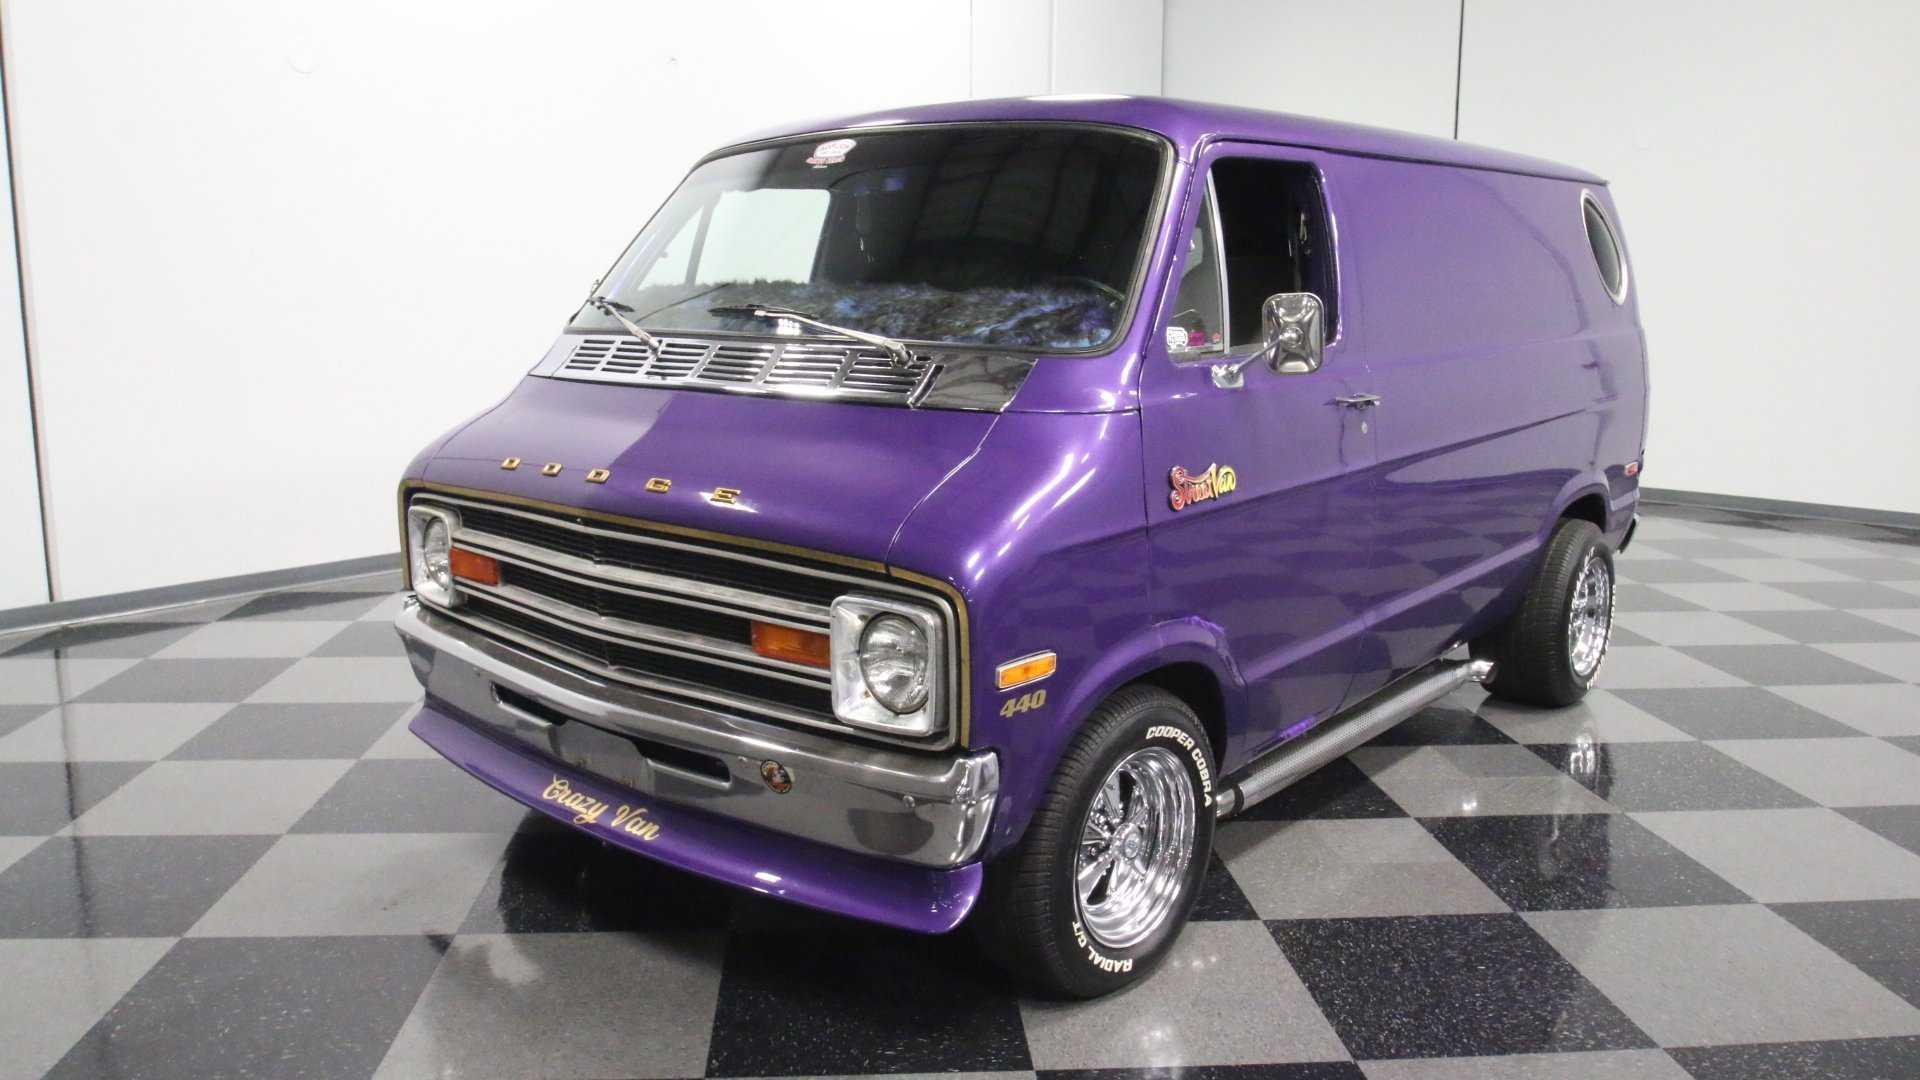 1976 Dodge B-100 'Crazy Van' Will Put You In A Purple Haze